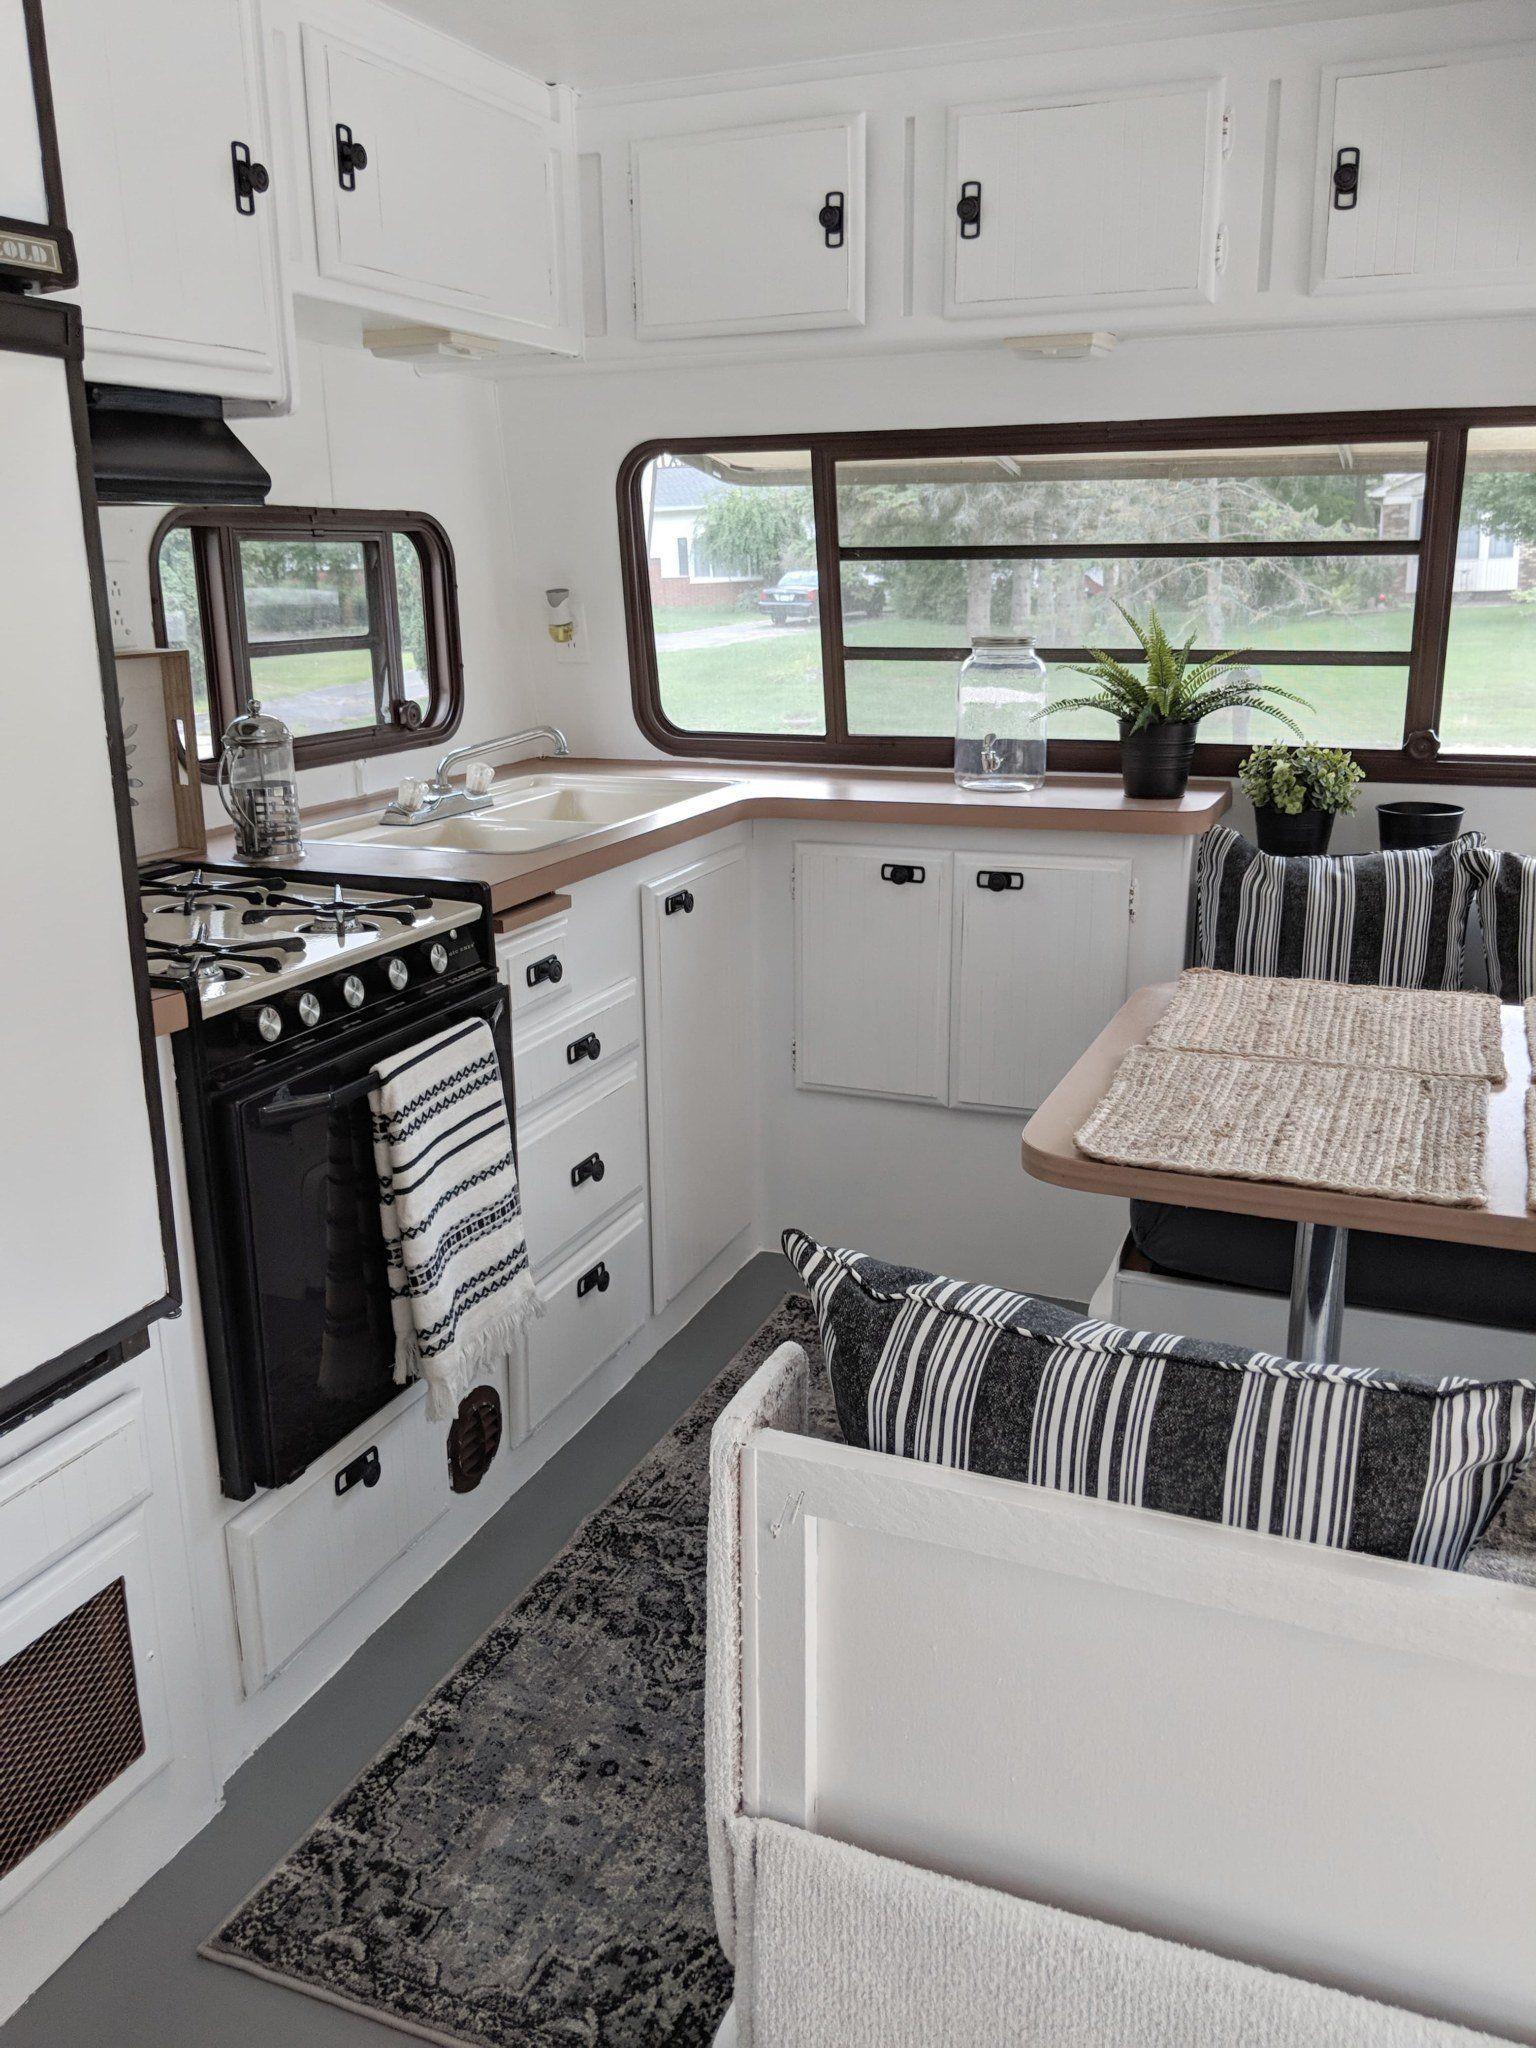 58 Best Vintage Camper Interior Ideas To Consider Interieur Pour Camping Aux Vendanges Roulotte De Camping Campeur Vintage